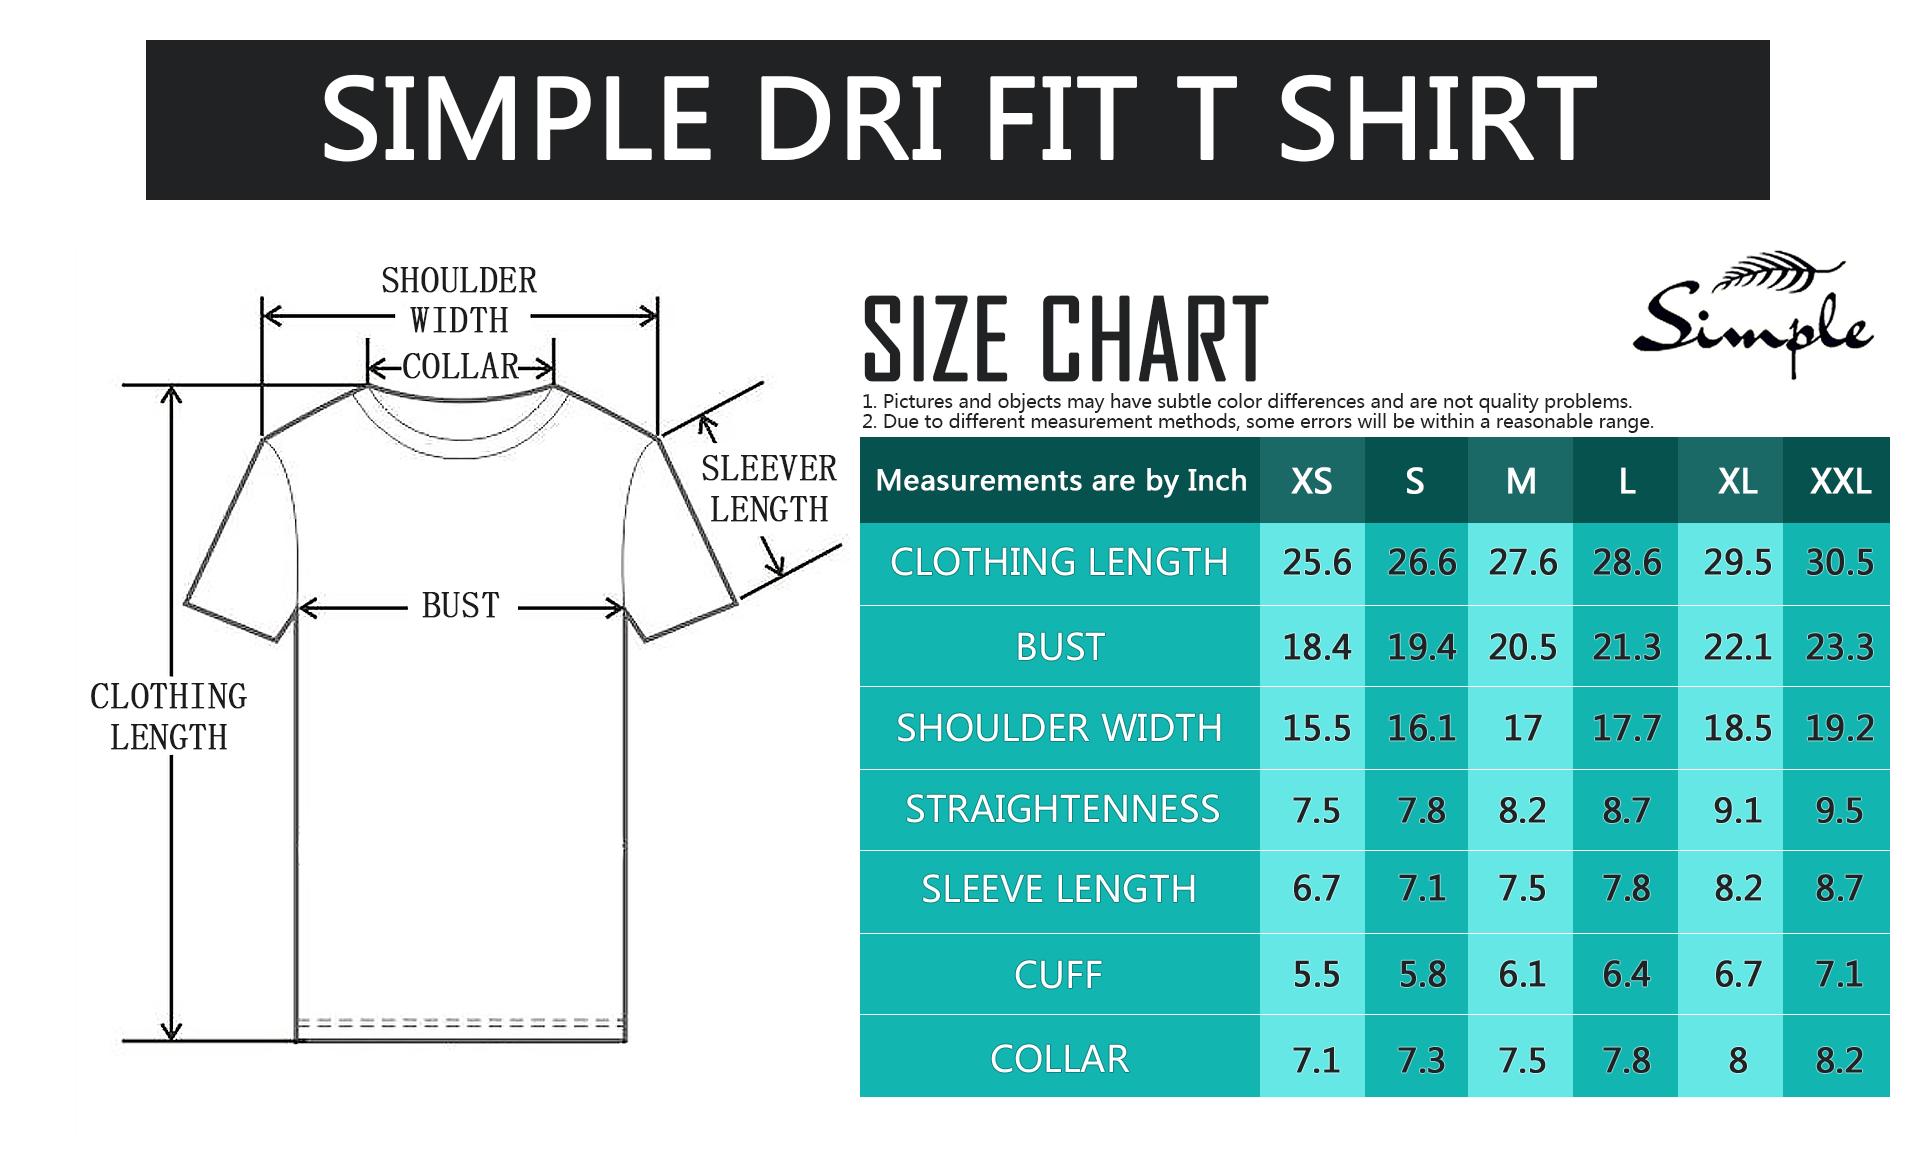 ANPQ Simple Dri fit men women t shirt